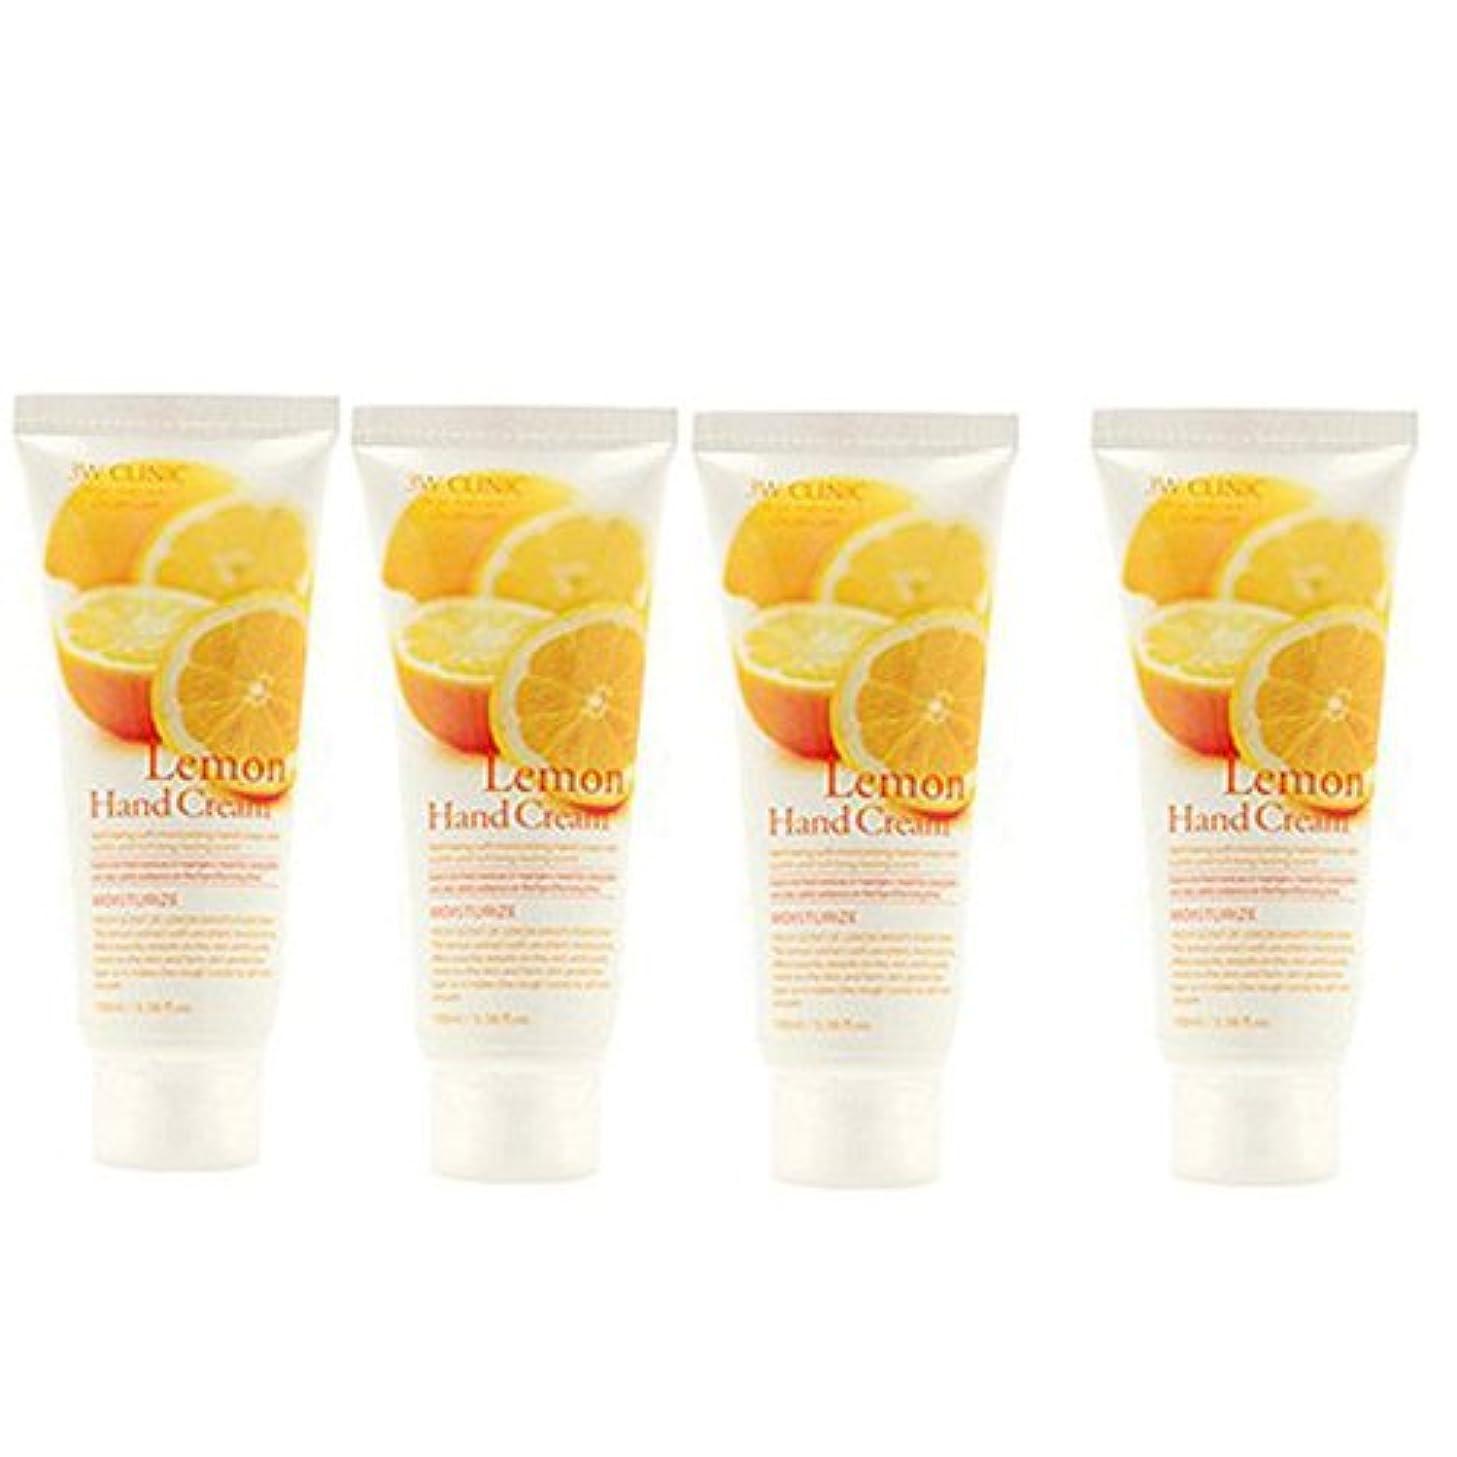 常に仕立て屋ファッション3w Clinic[韓国コスメARRAHAN]Moisturizing Lemon Hand Cream モイスチャーリングレモンハンドクリーム100mlX4個 [並行輸入品]